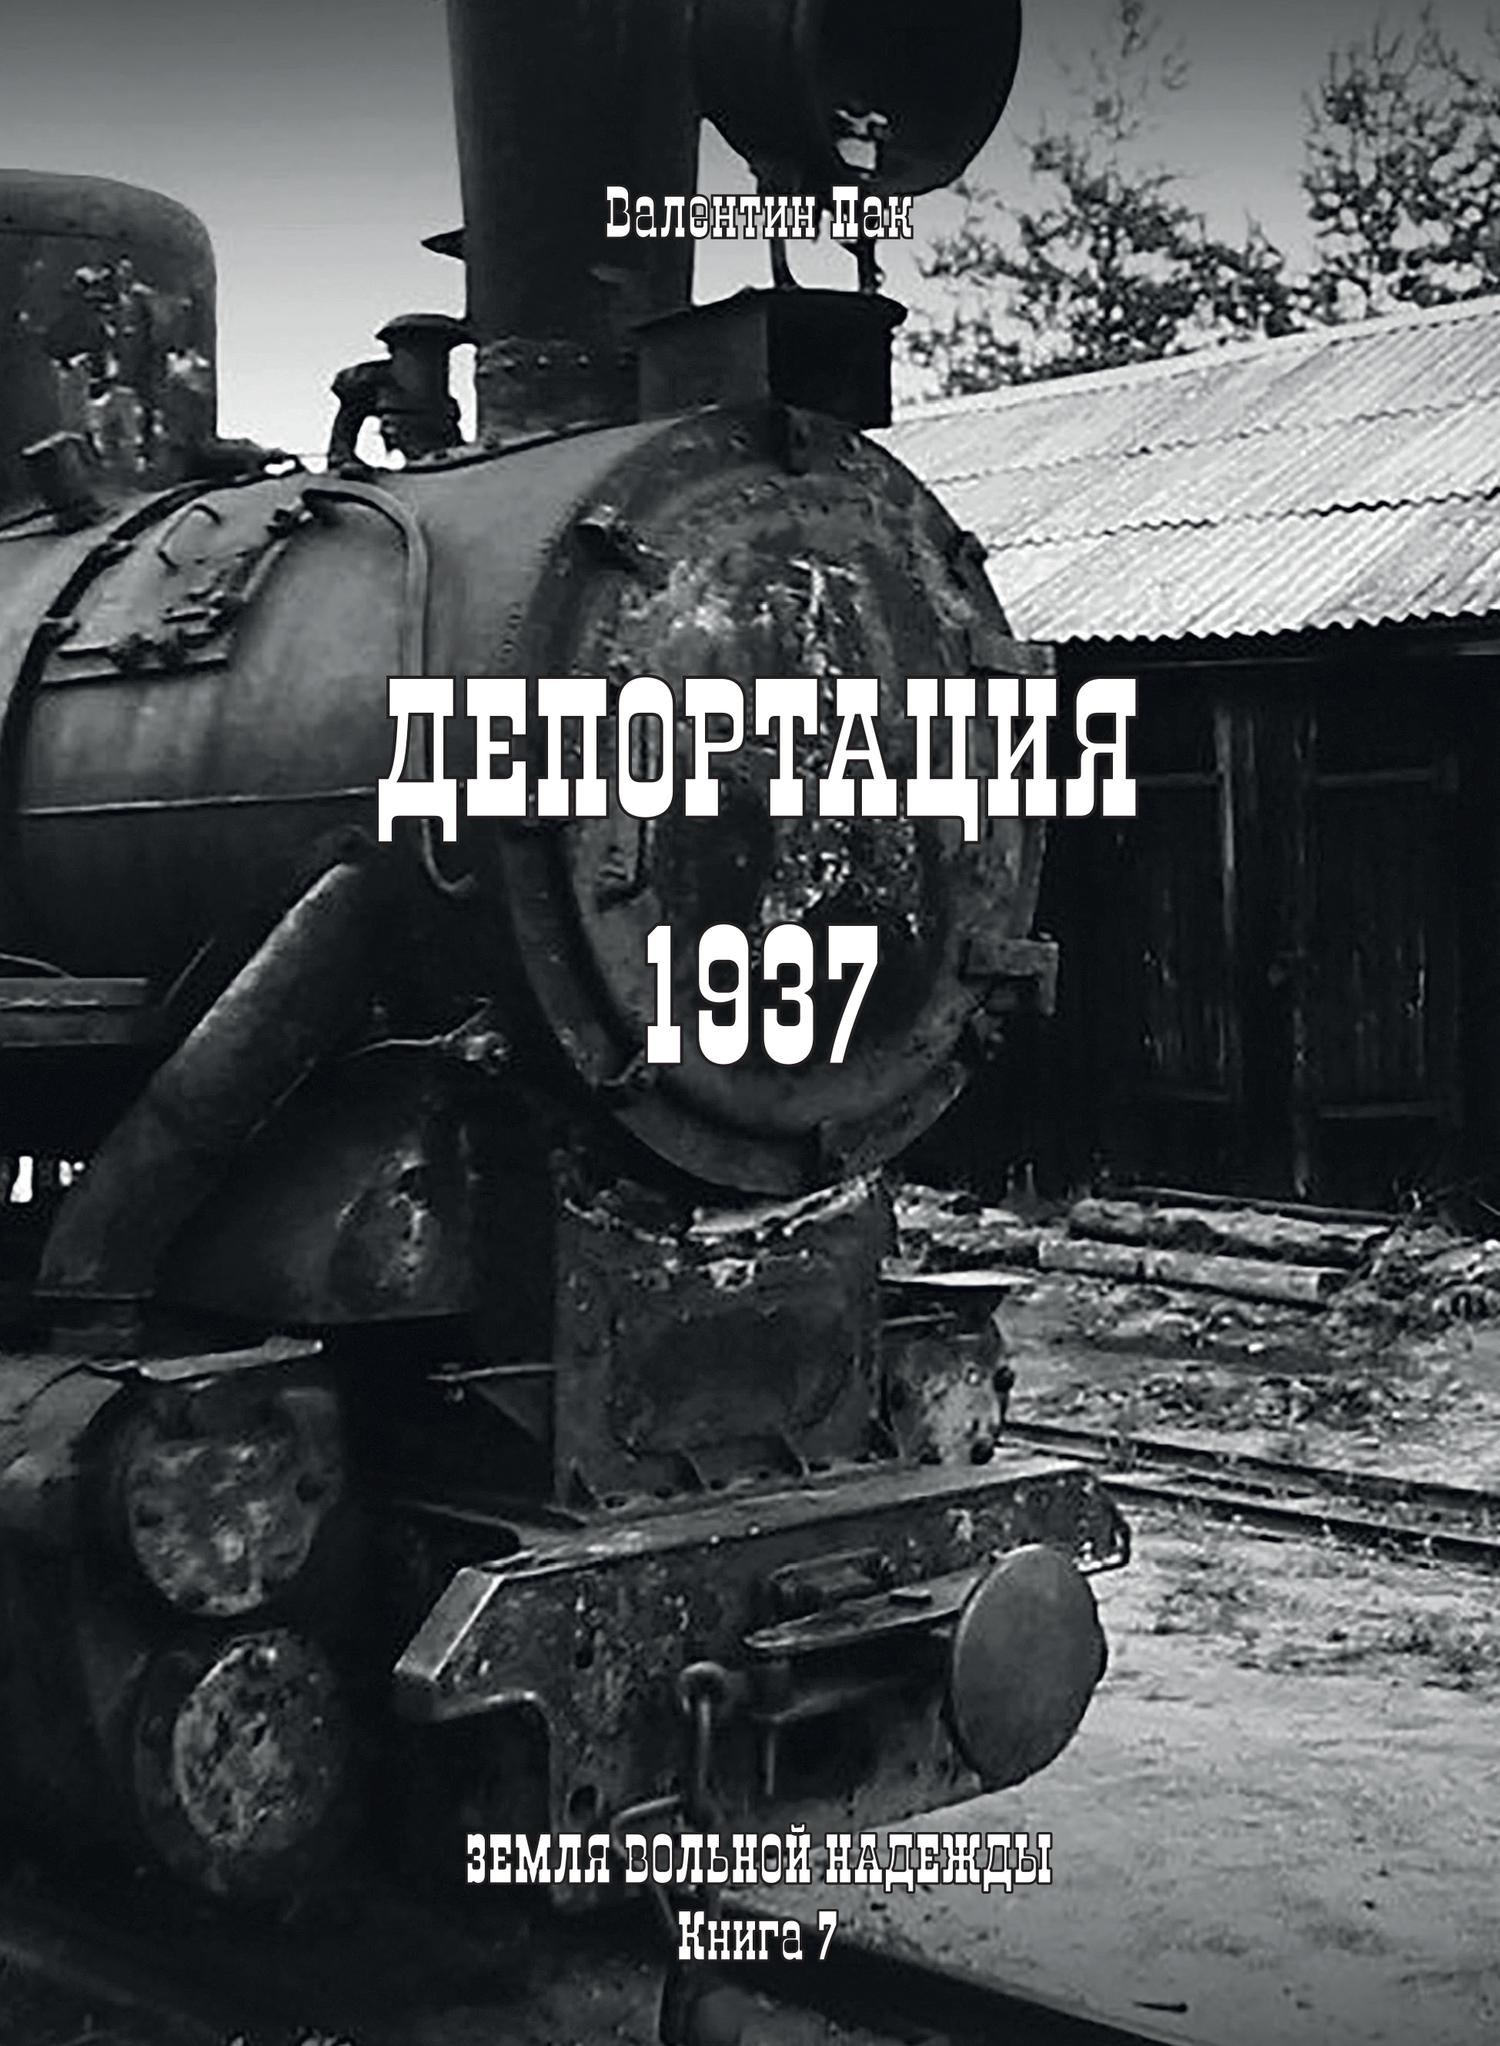 Валентин Пак. Депортация. 1937